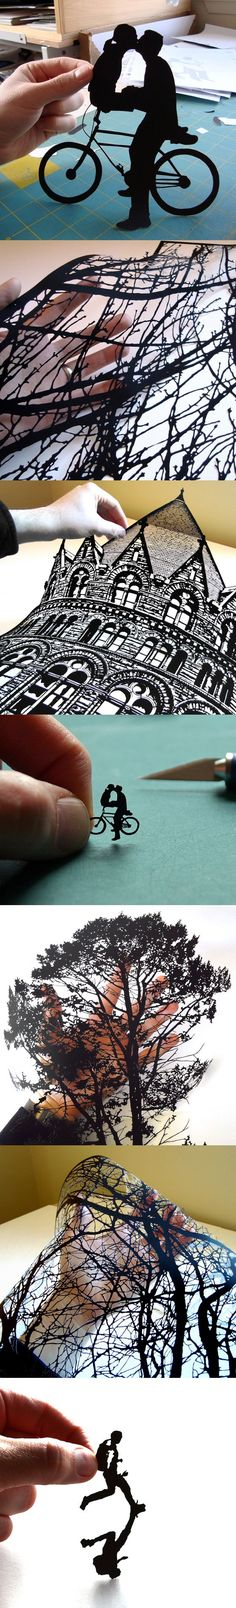 hand-cut paper art by Joe Bagley #Arts Design